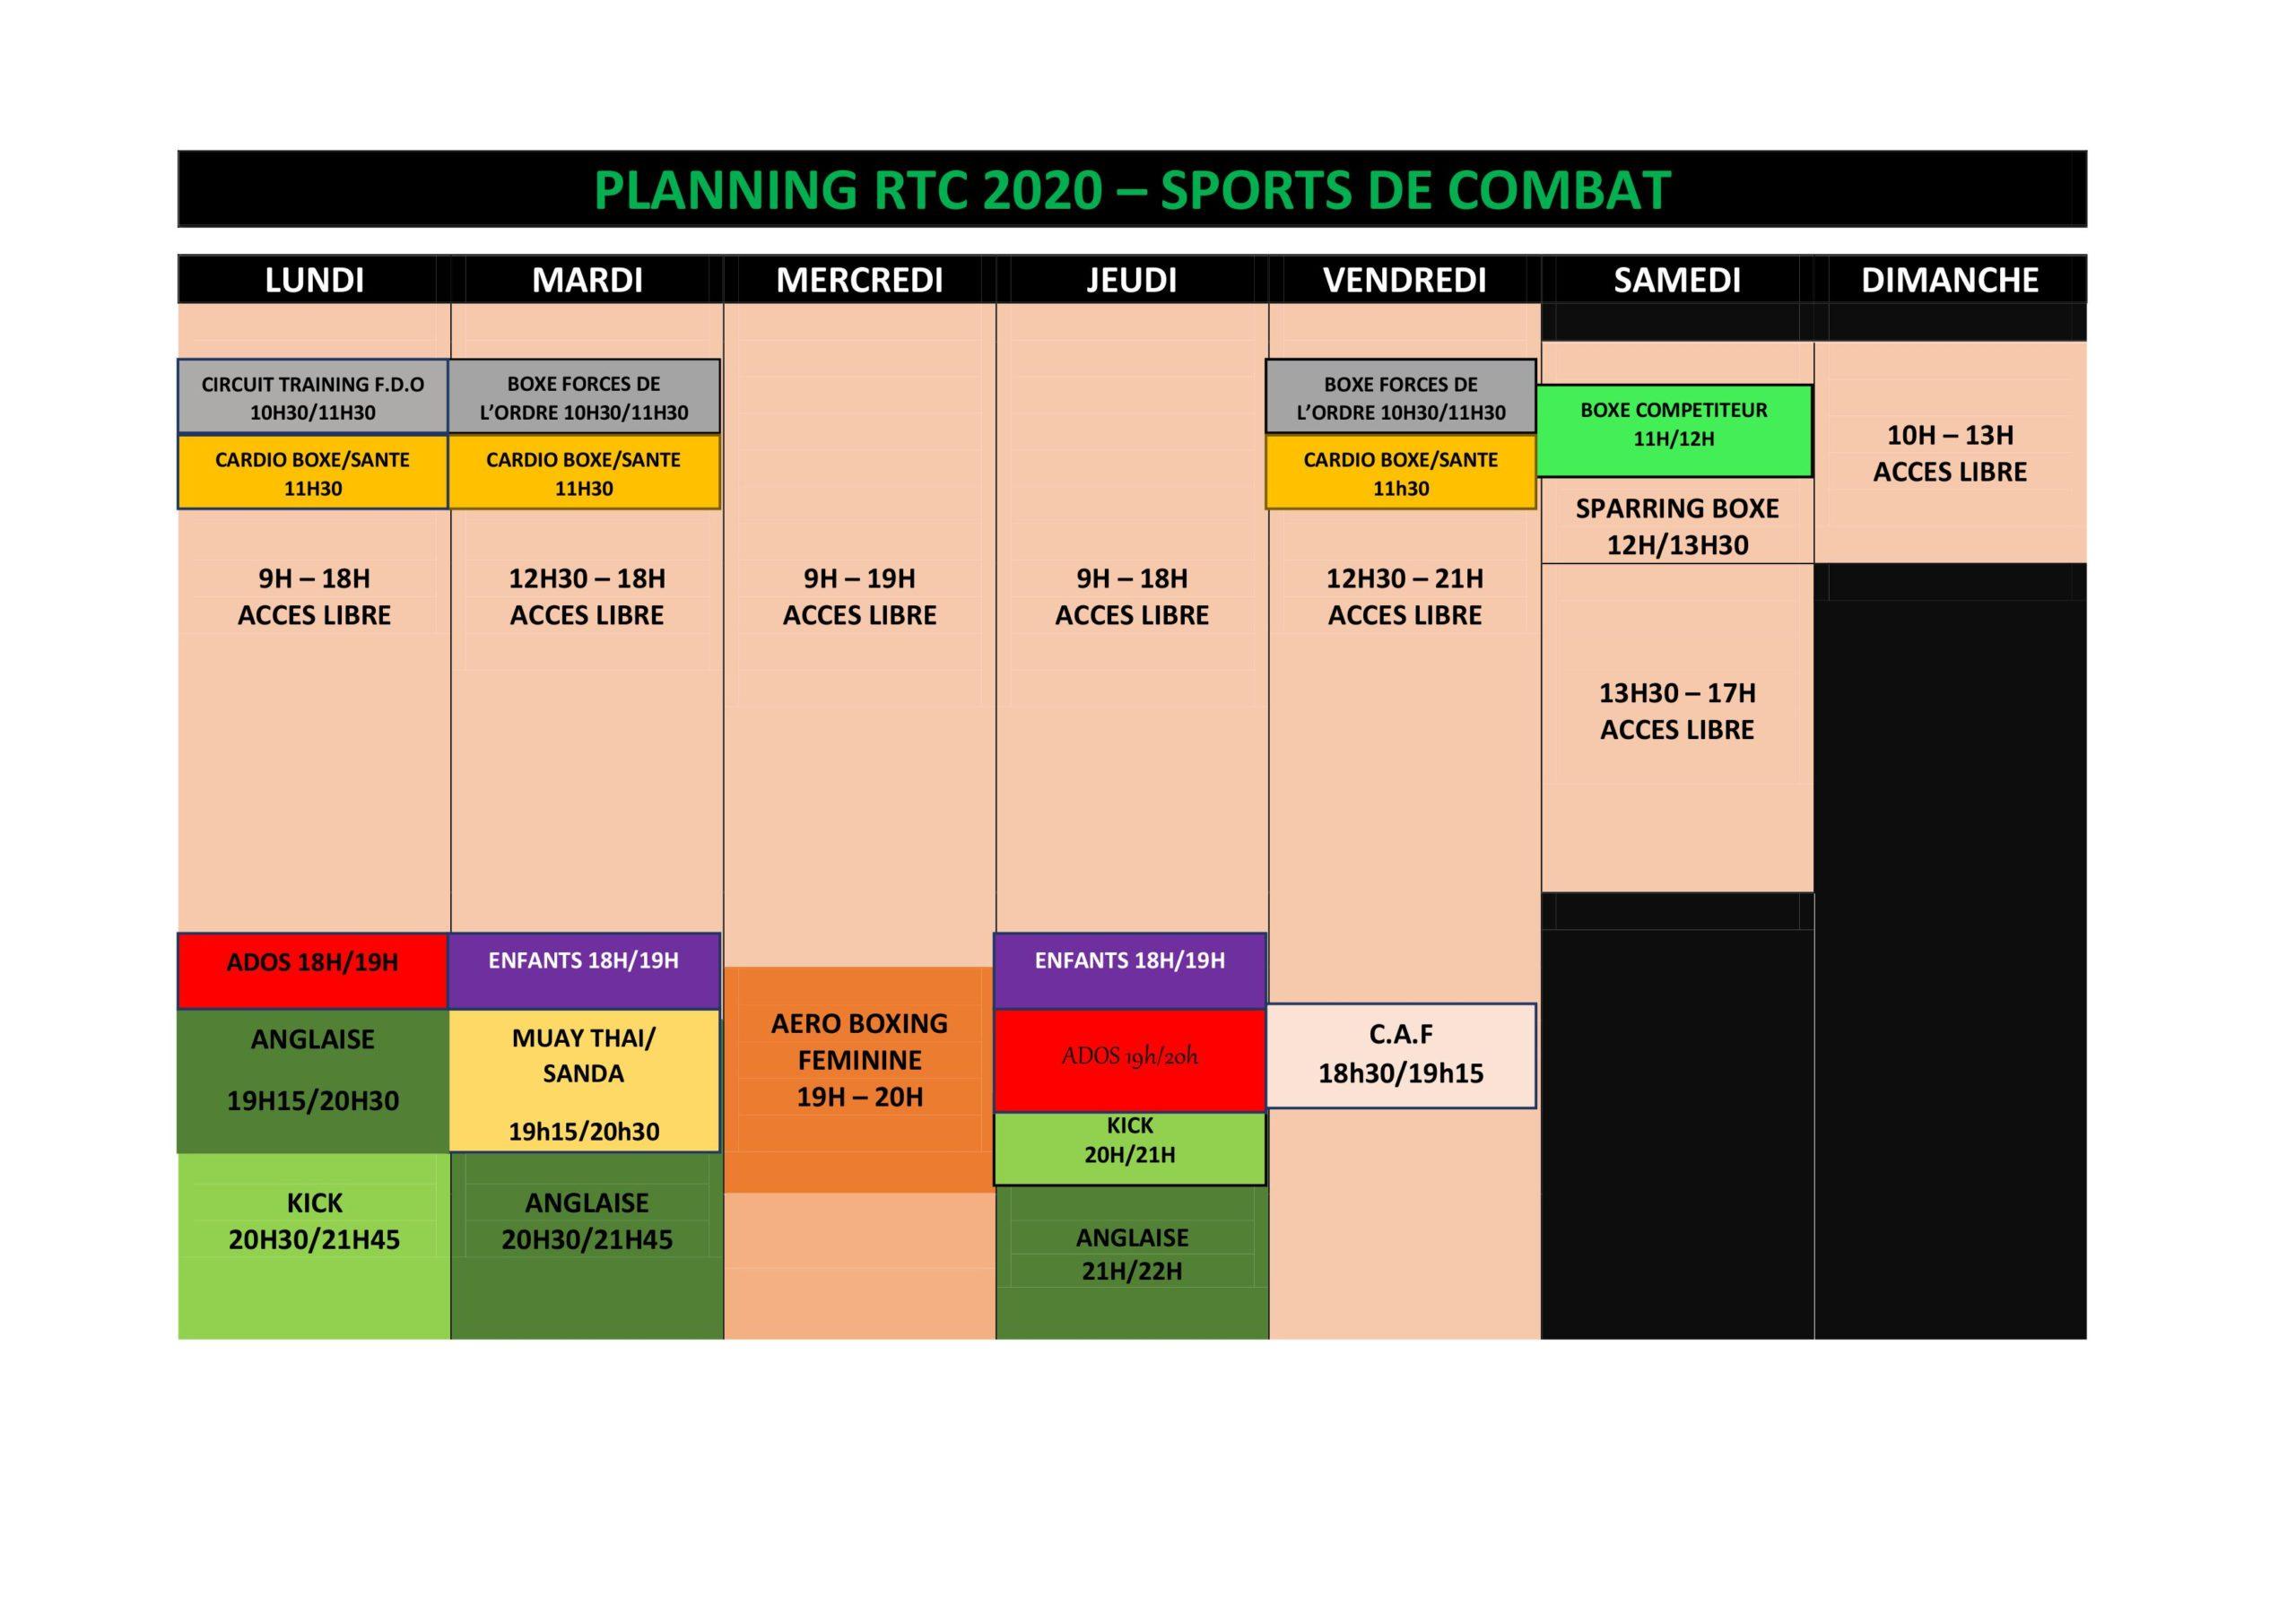 Plannings RTC 2020 Sports de combat